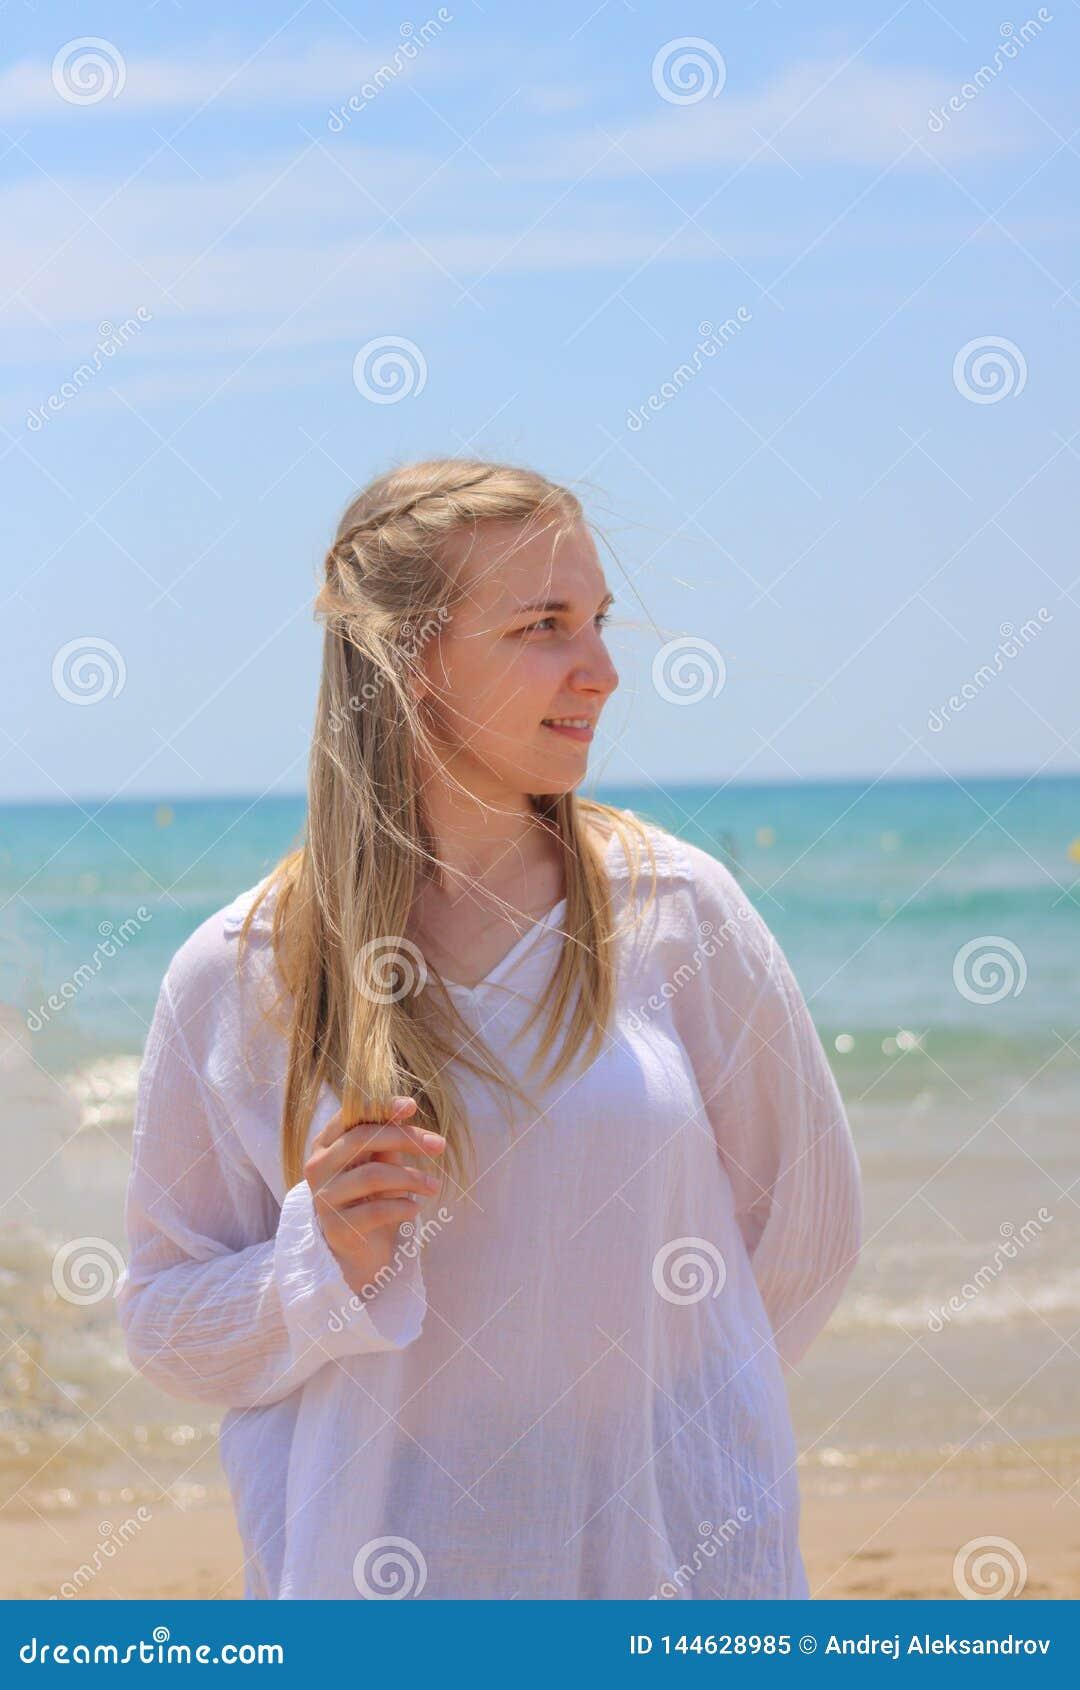 Blonde woman outdoor beach